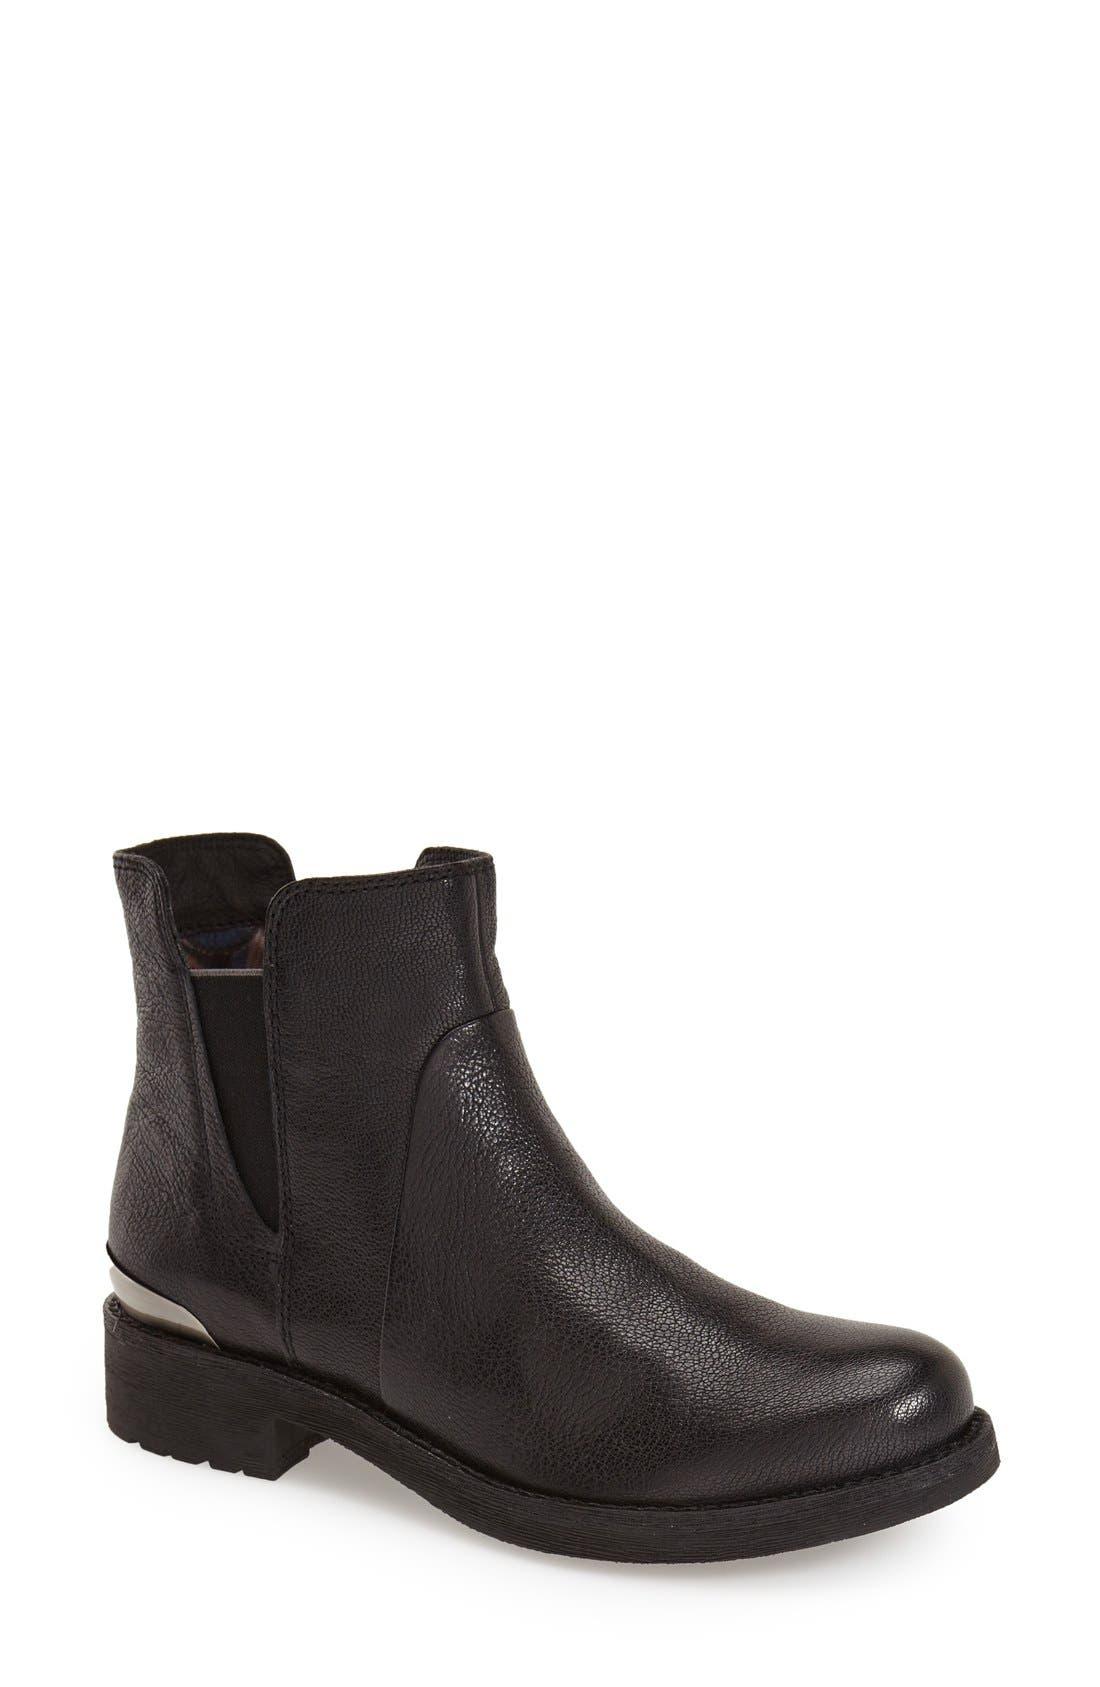 Geox'New Virna' Chelsea Boot (Women)